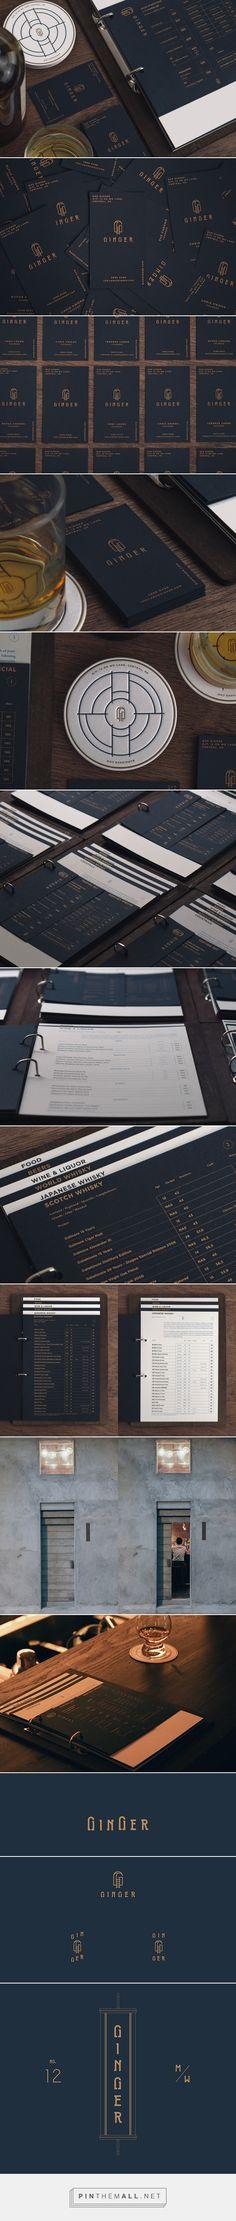 Bar Ginger - Branding on Branding Served - created via https://pinthemall.net